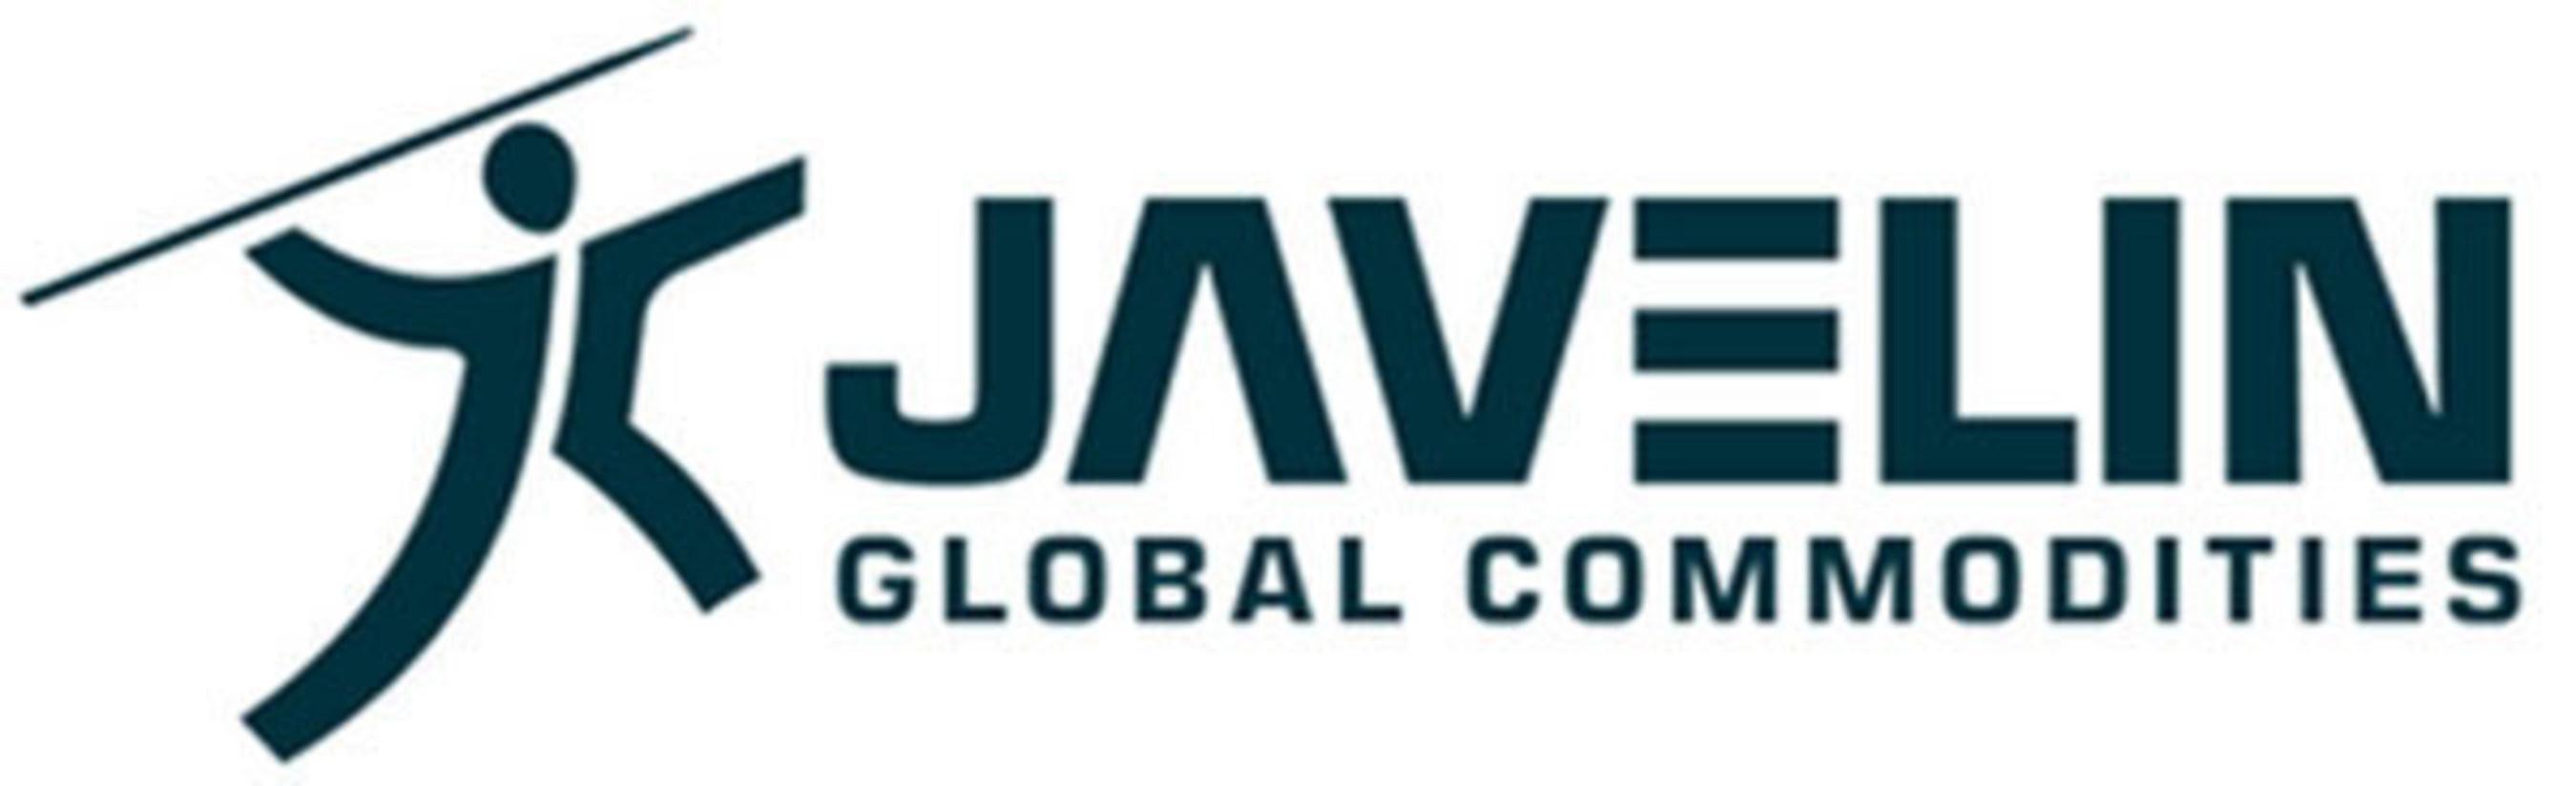 Vzniká nová mezinárodní marketingová a obchodní komoditní společnost